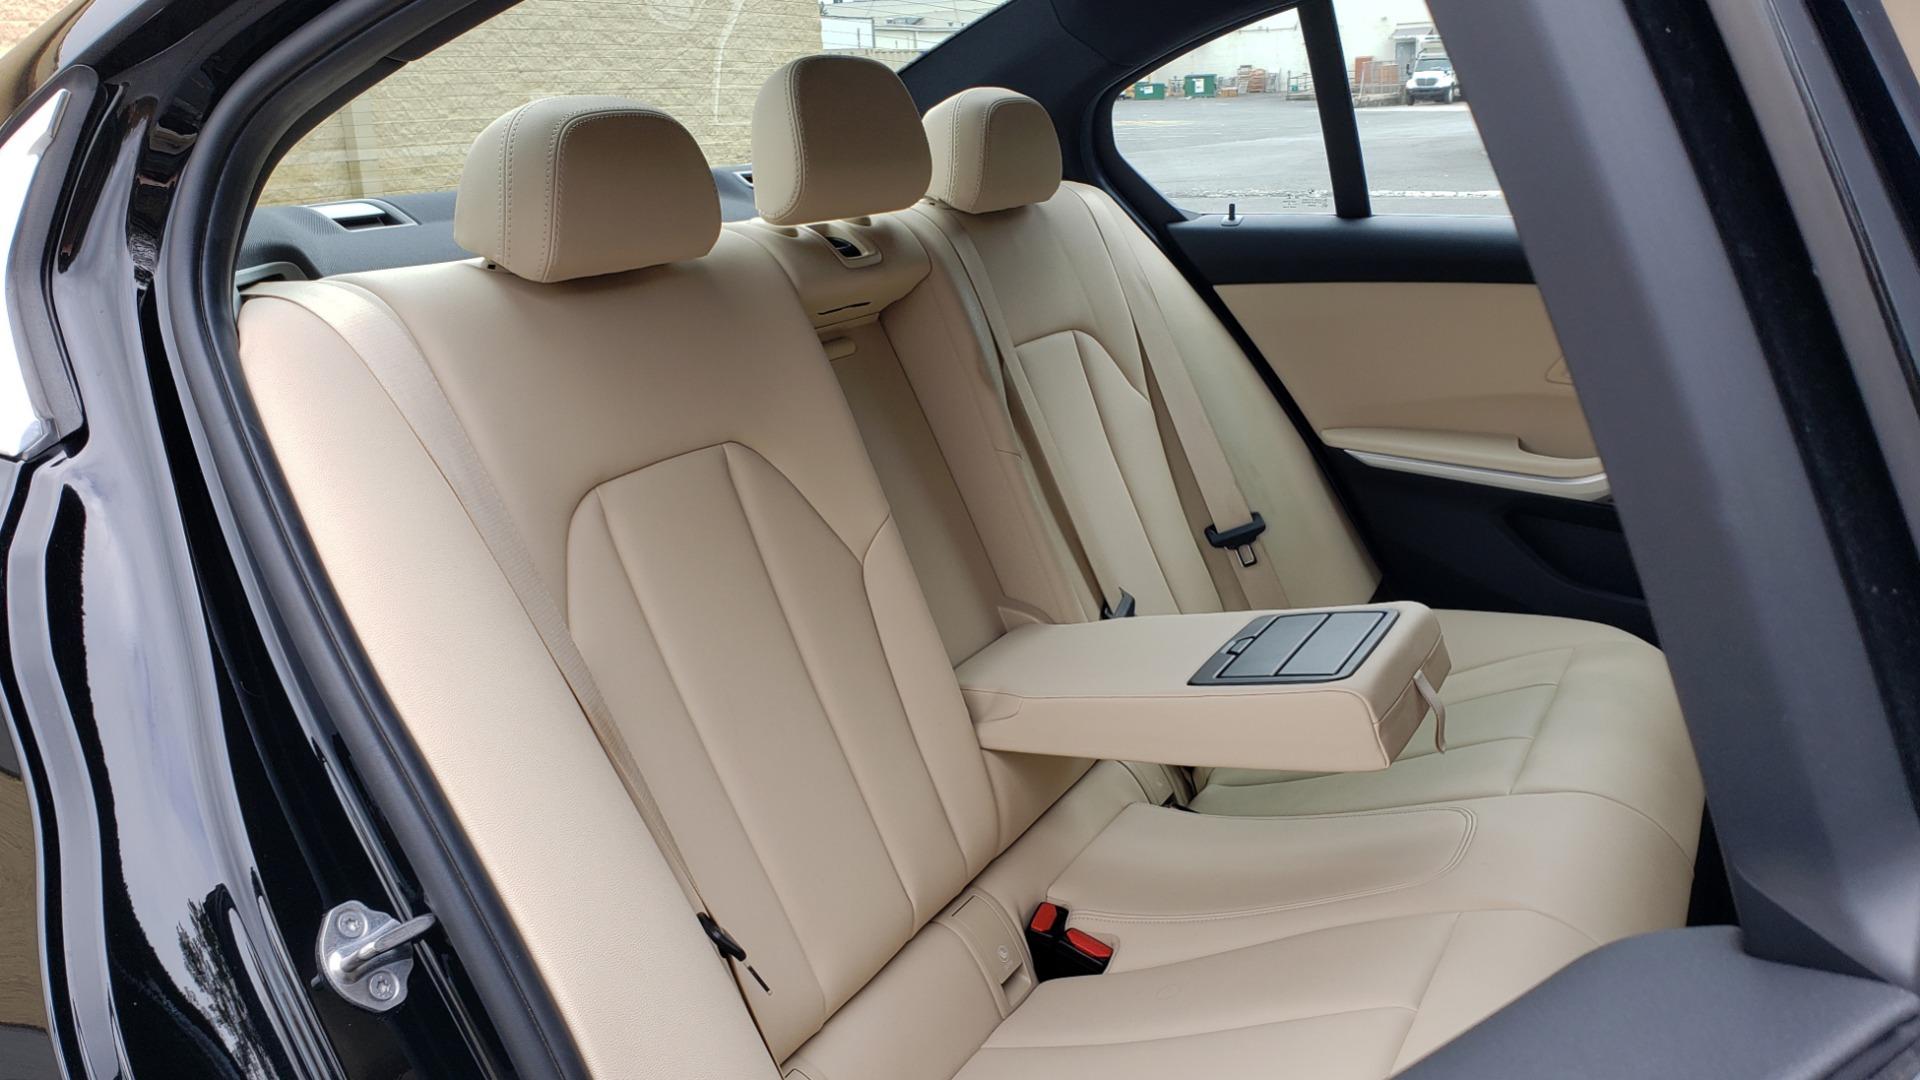 Used 2019 BMW 3 SERIES 330I PREM PKG / NAV / CONV PKG / H&K SND / LIVE COCKPIT PRO for sale Sold at Formula Imports in Charlotte NC 28227 76